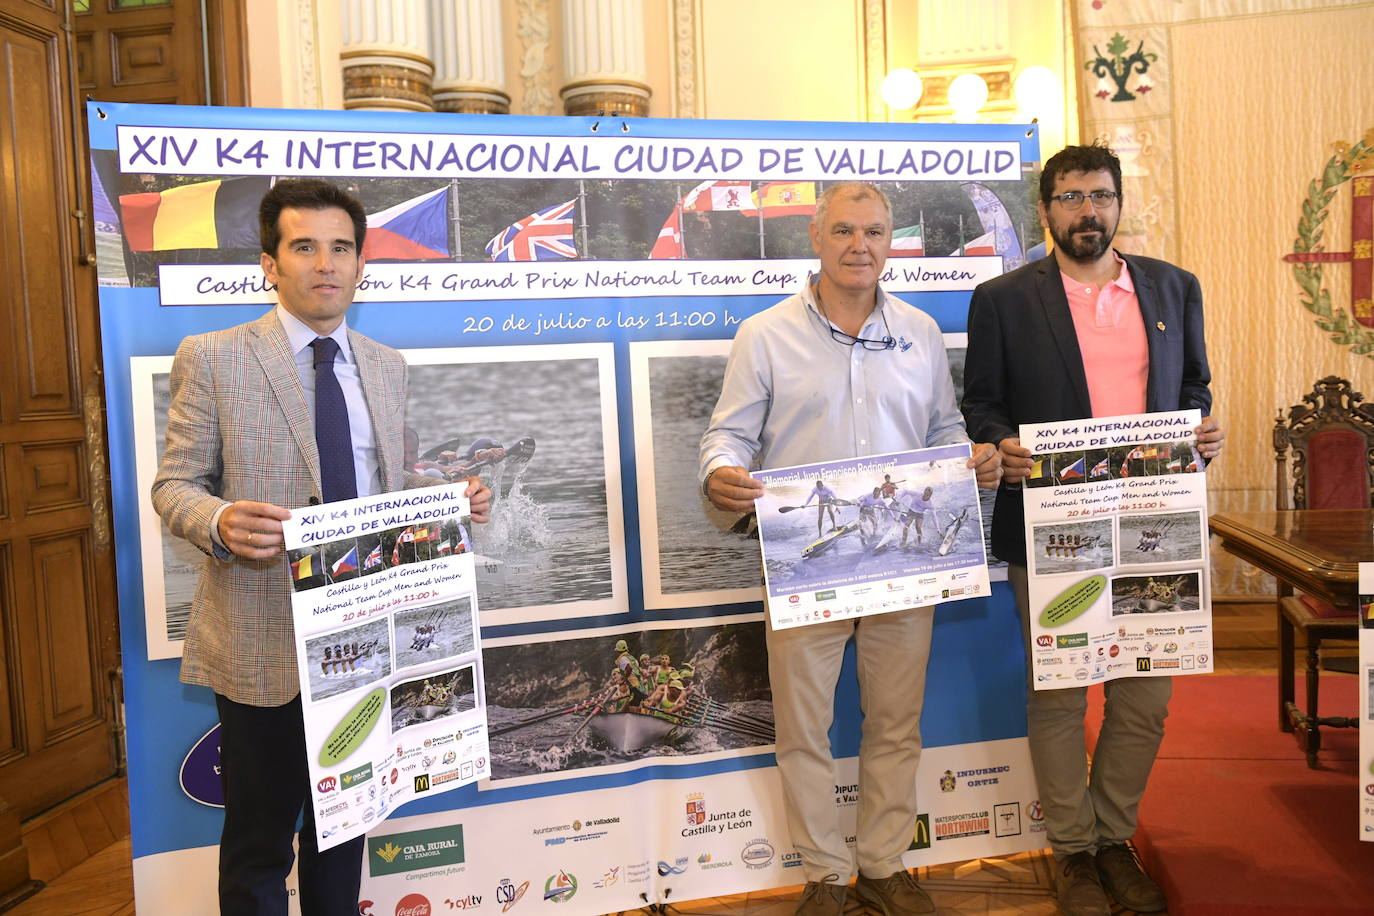 El K-4 internacional Ciudad de Valladolid vuelve a las aguas del Pisuerga